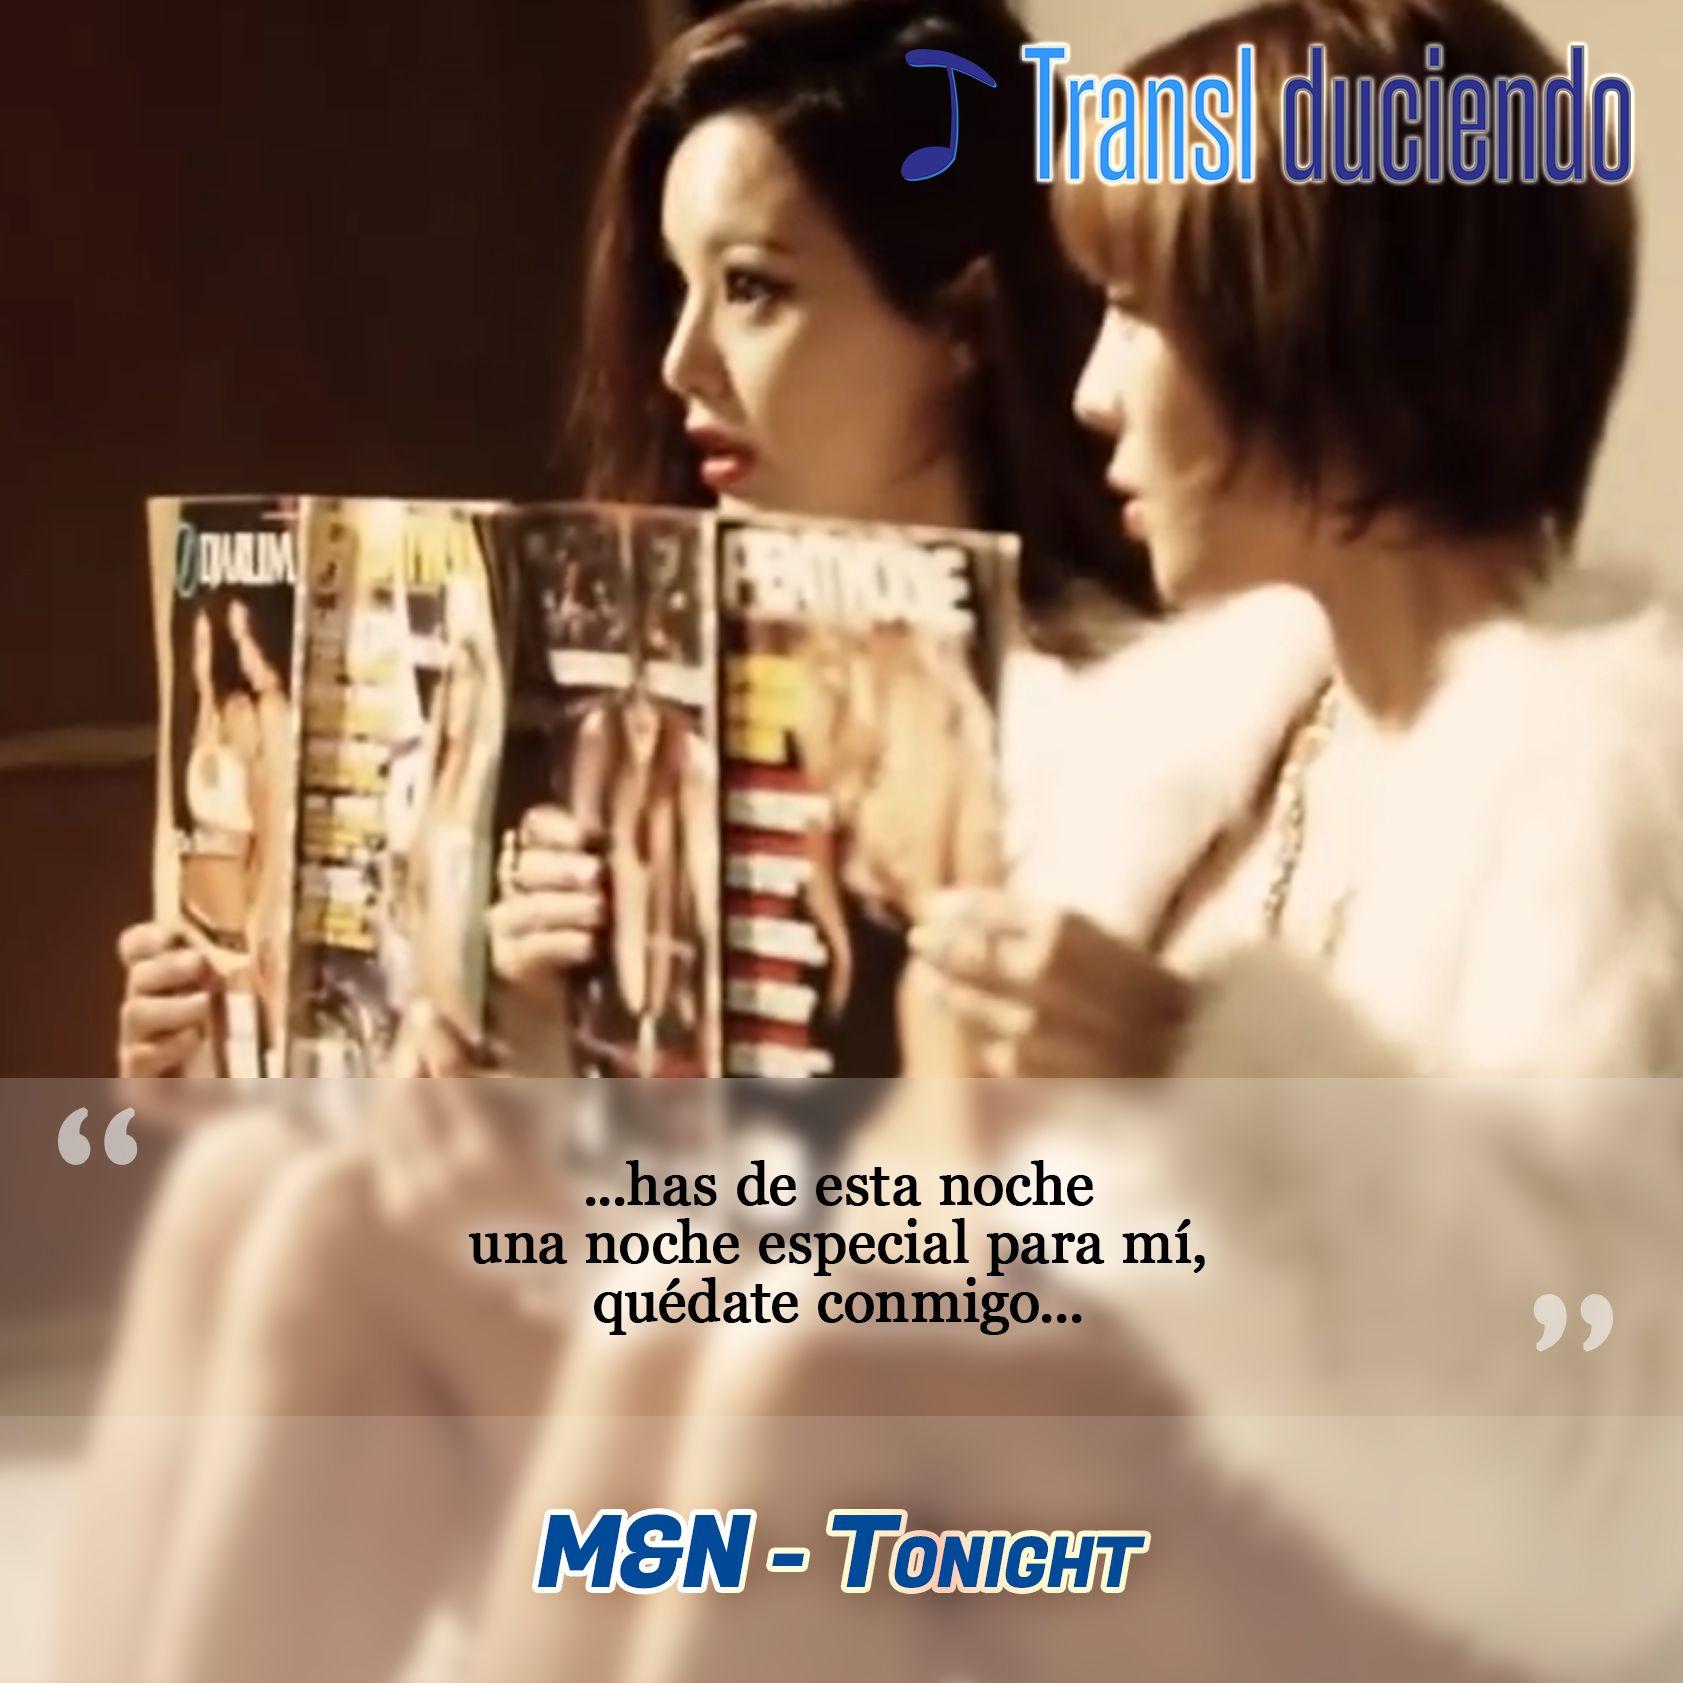 M&N - Tonight